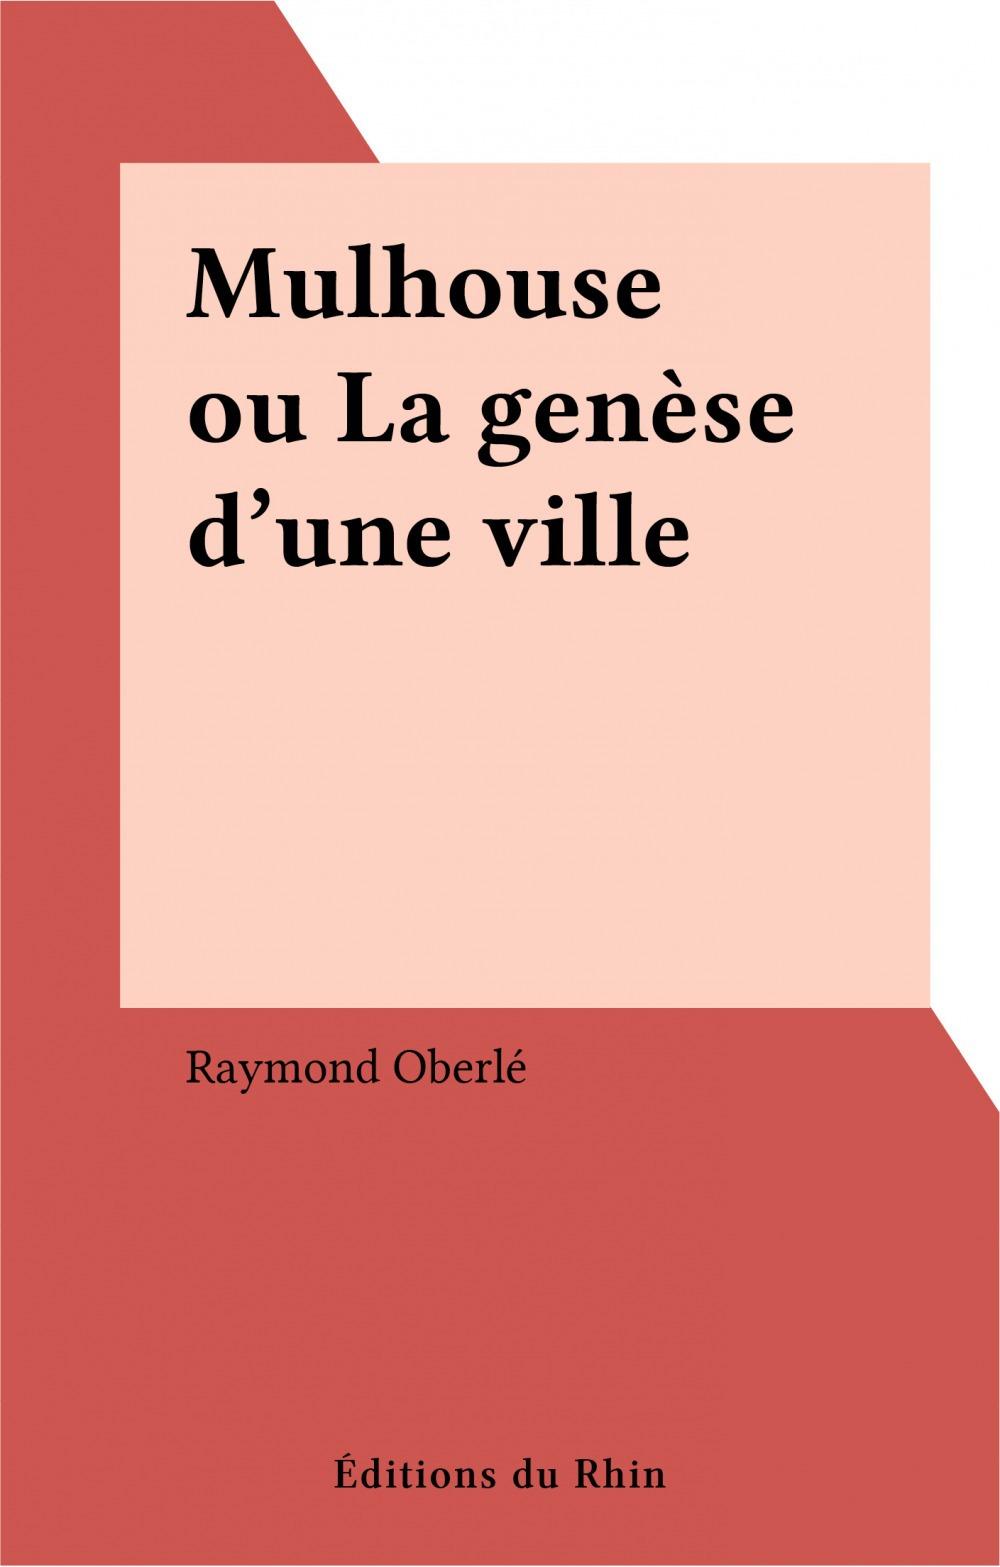 Mulhouse ou La genèse d'une ville  - Raymond Oberlé